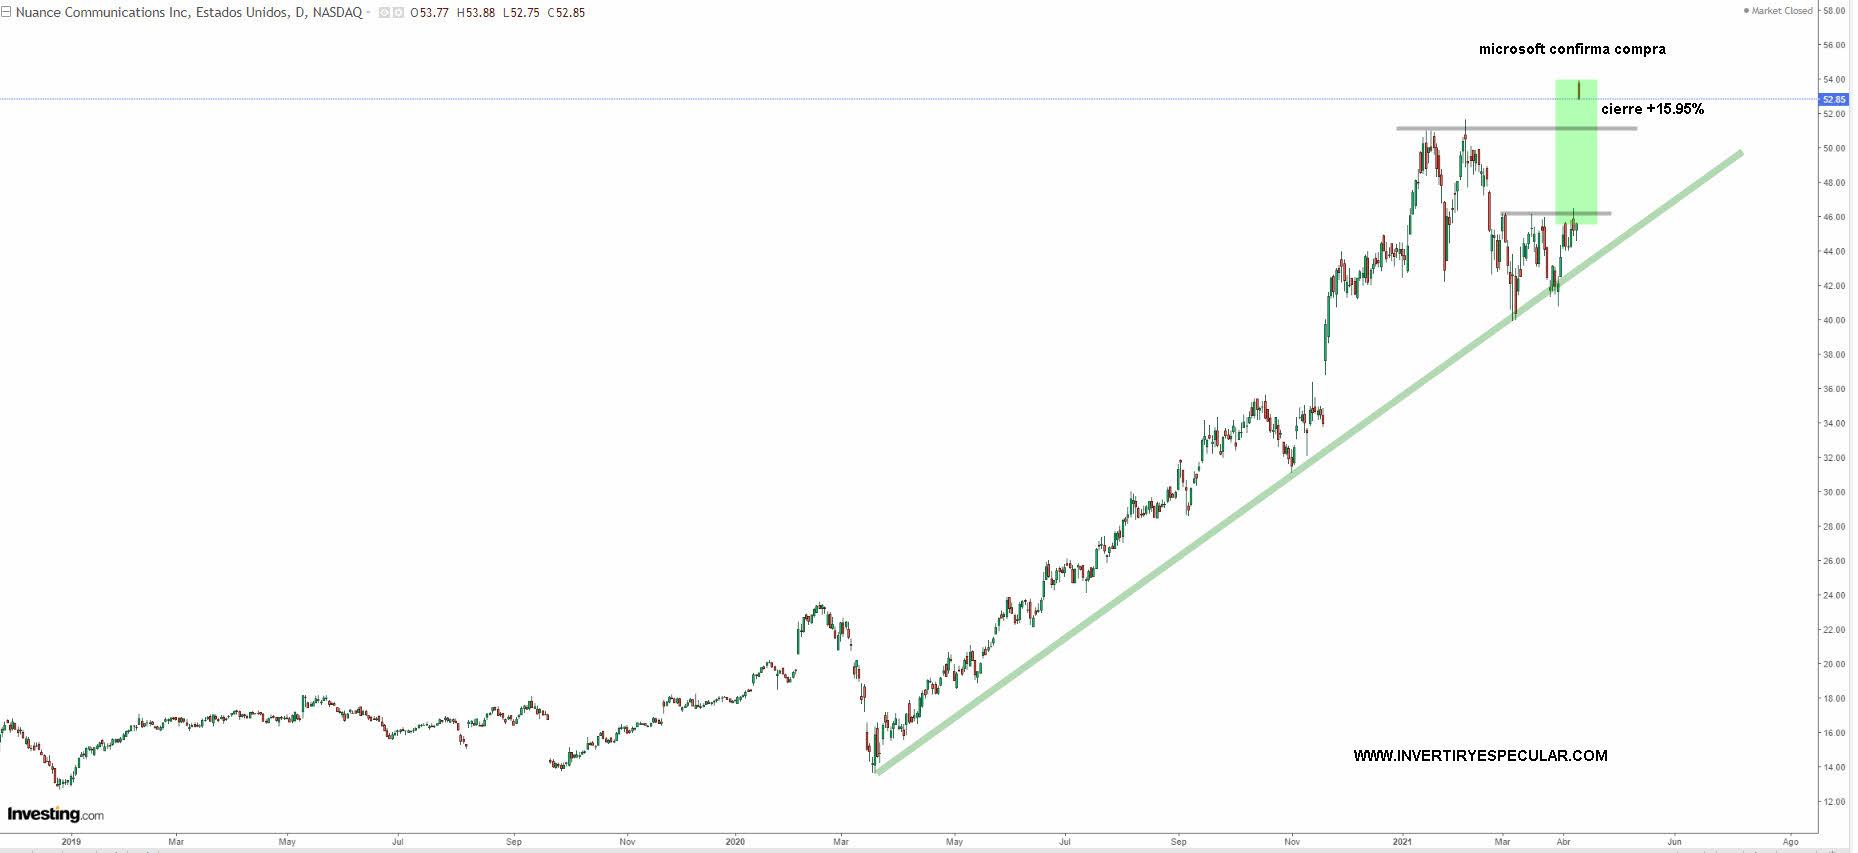 nuance% - Nueva gran compra de Microsoft y no precisamente a precio de saldo